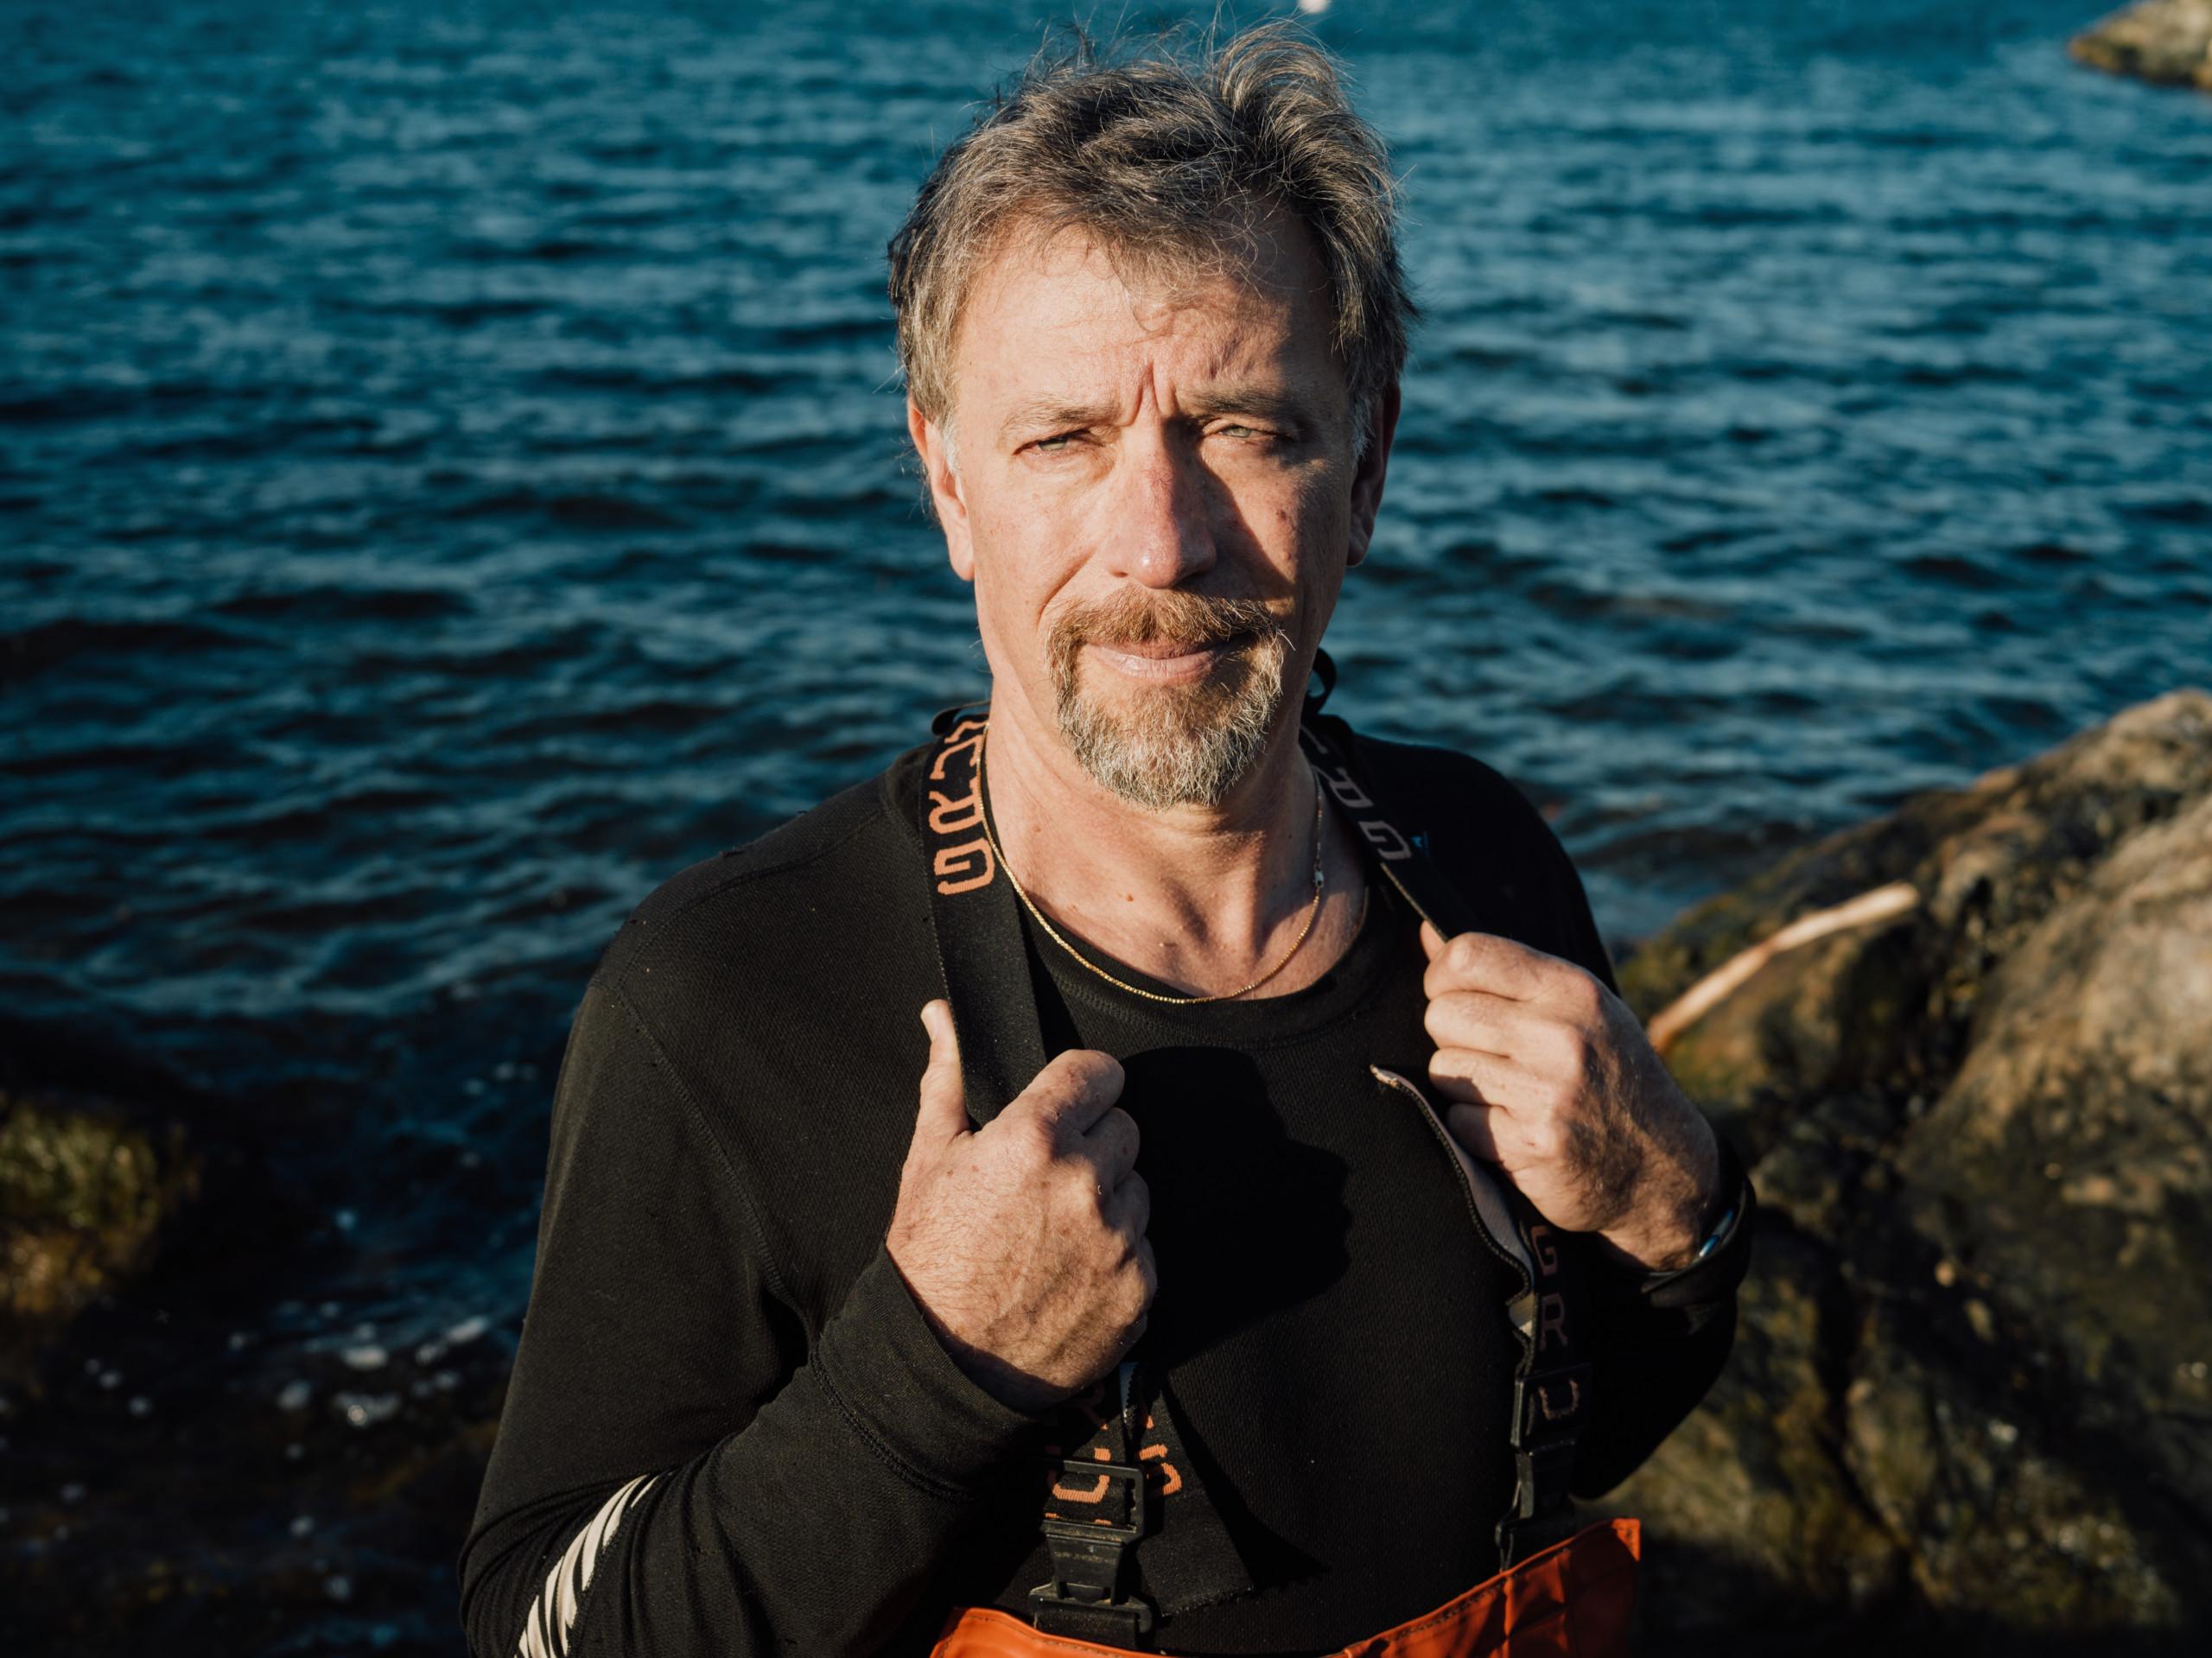 Jon Eis fisheries observer whistleblower